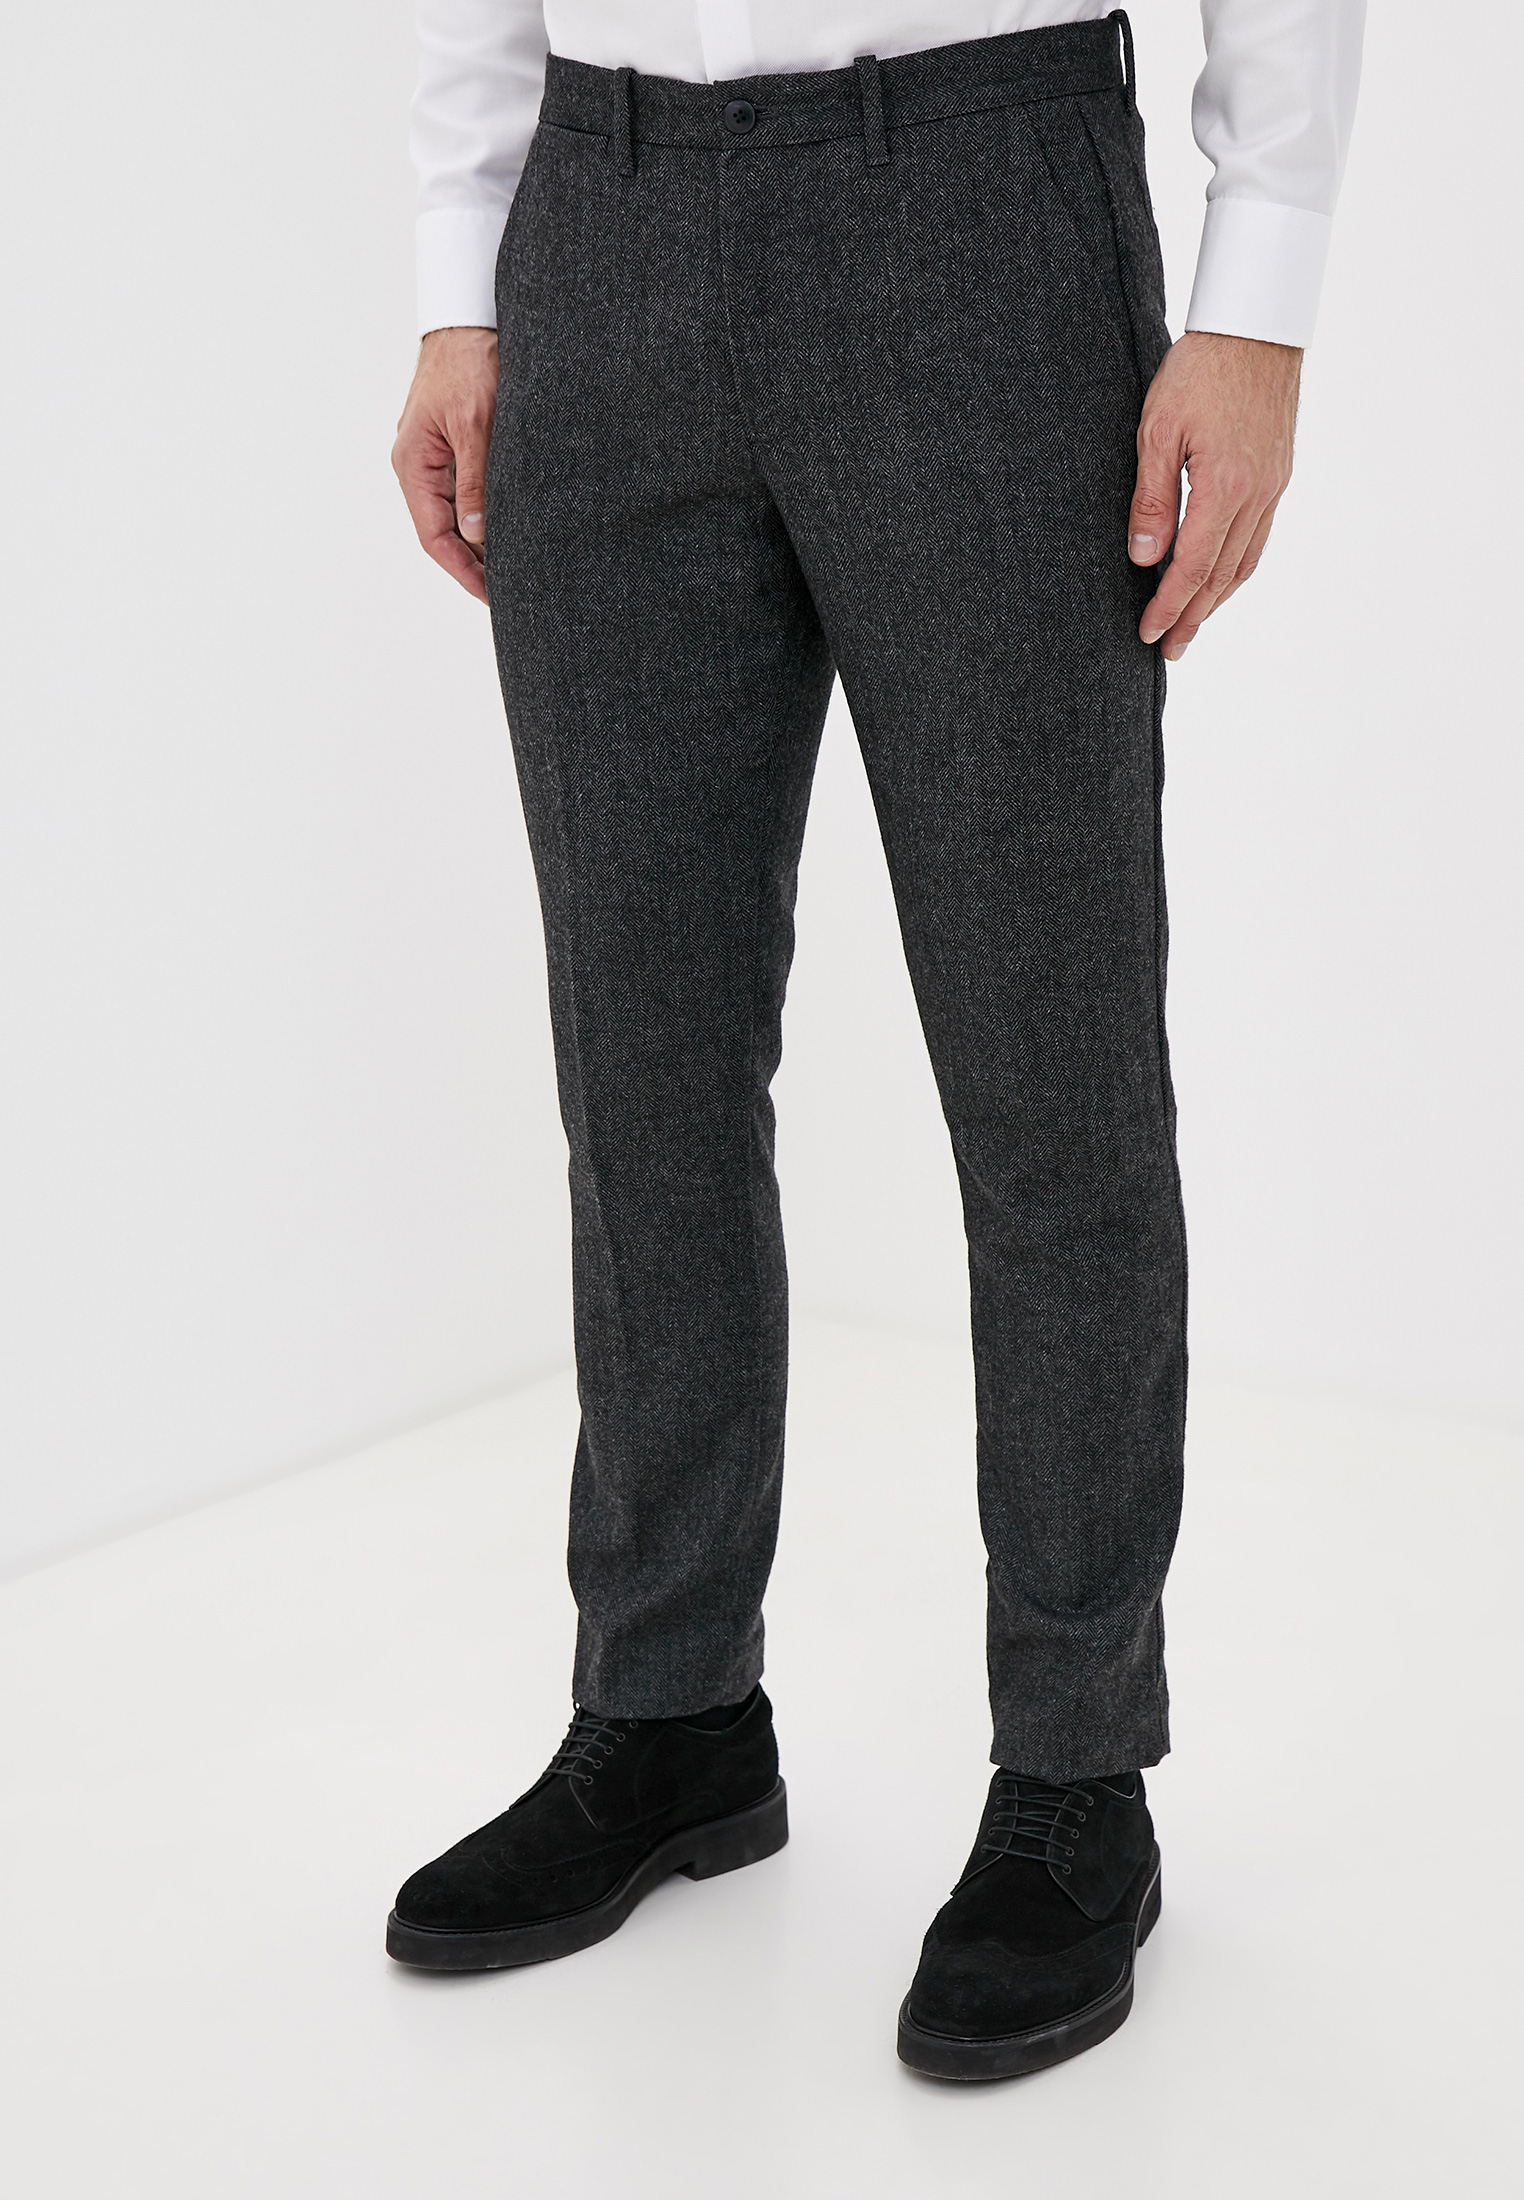 Мужские повседневные брюки Gap 390603